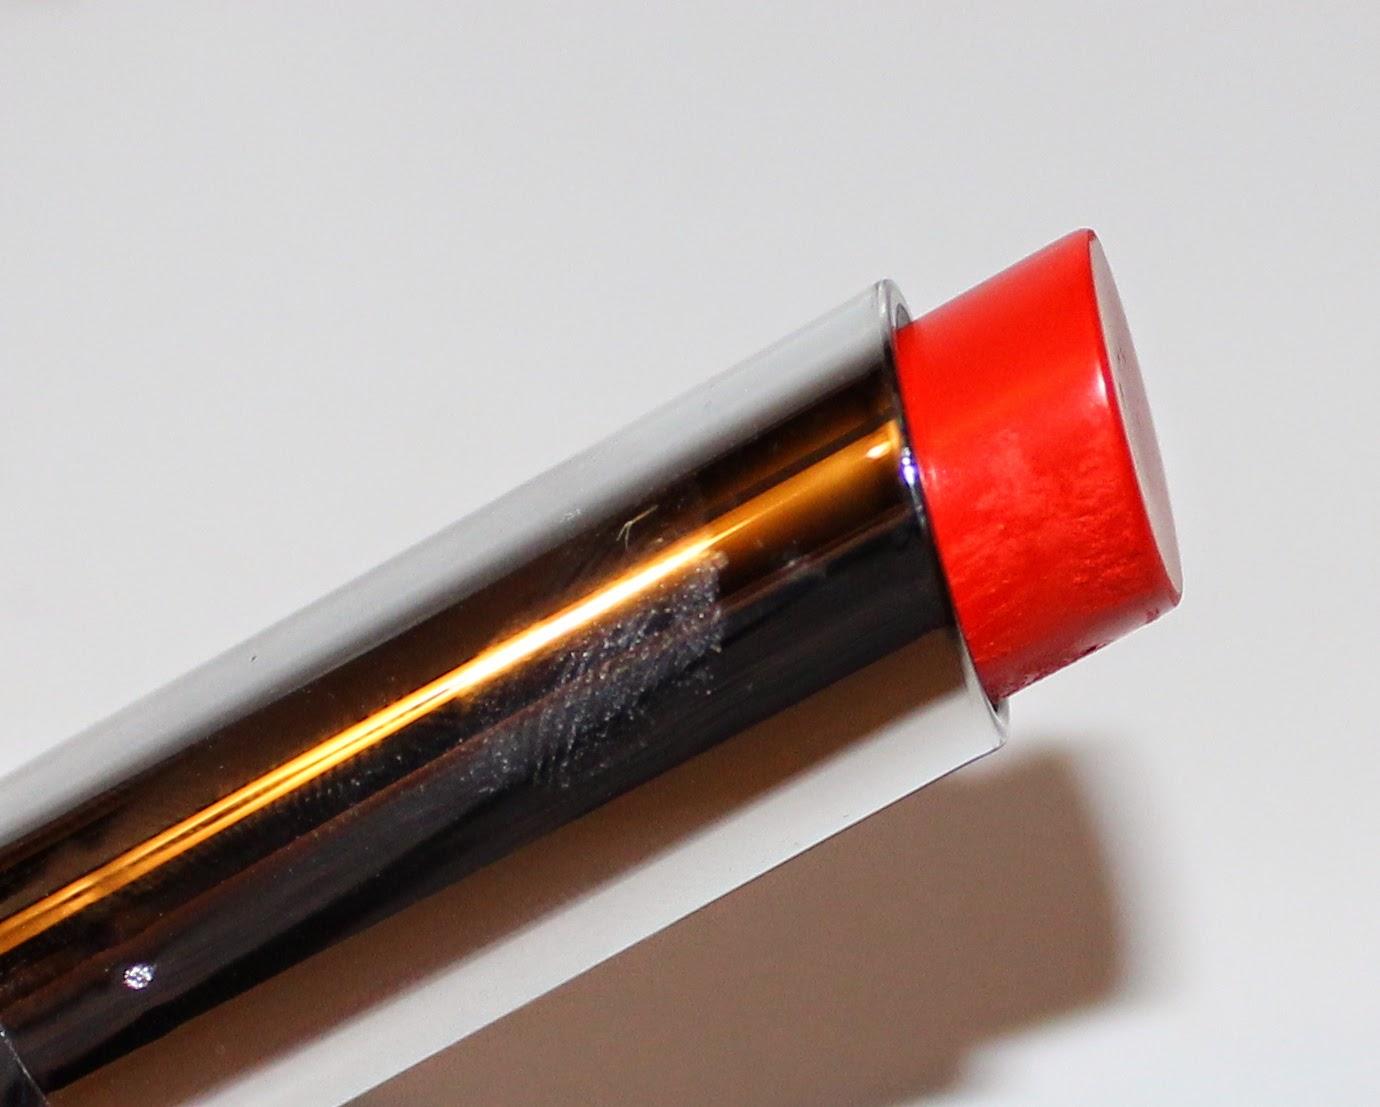 Stila Color Balm Lipstick in Valentina